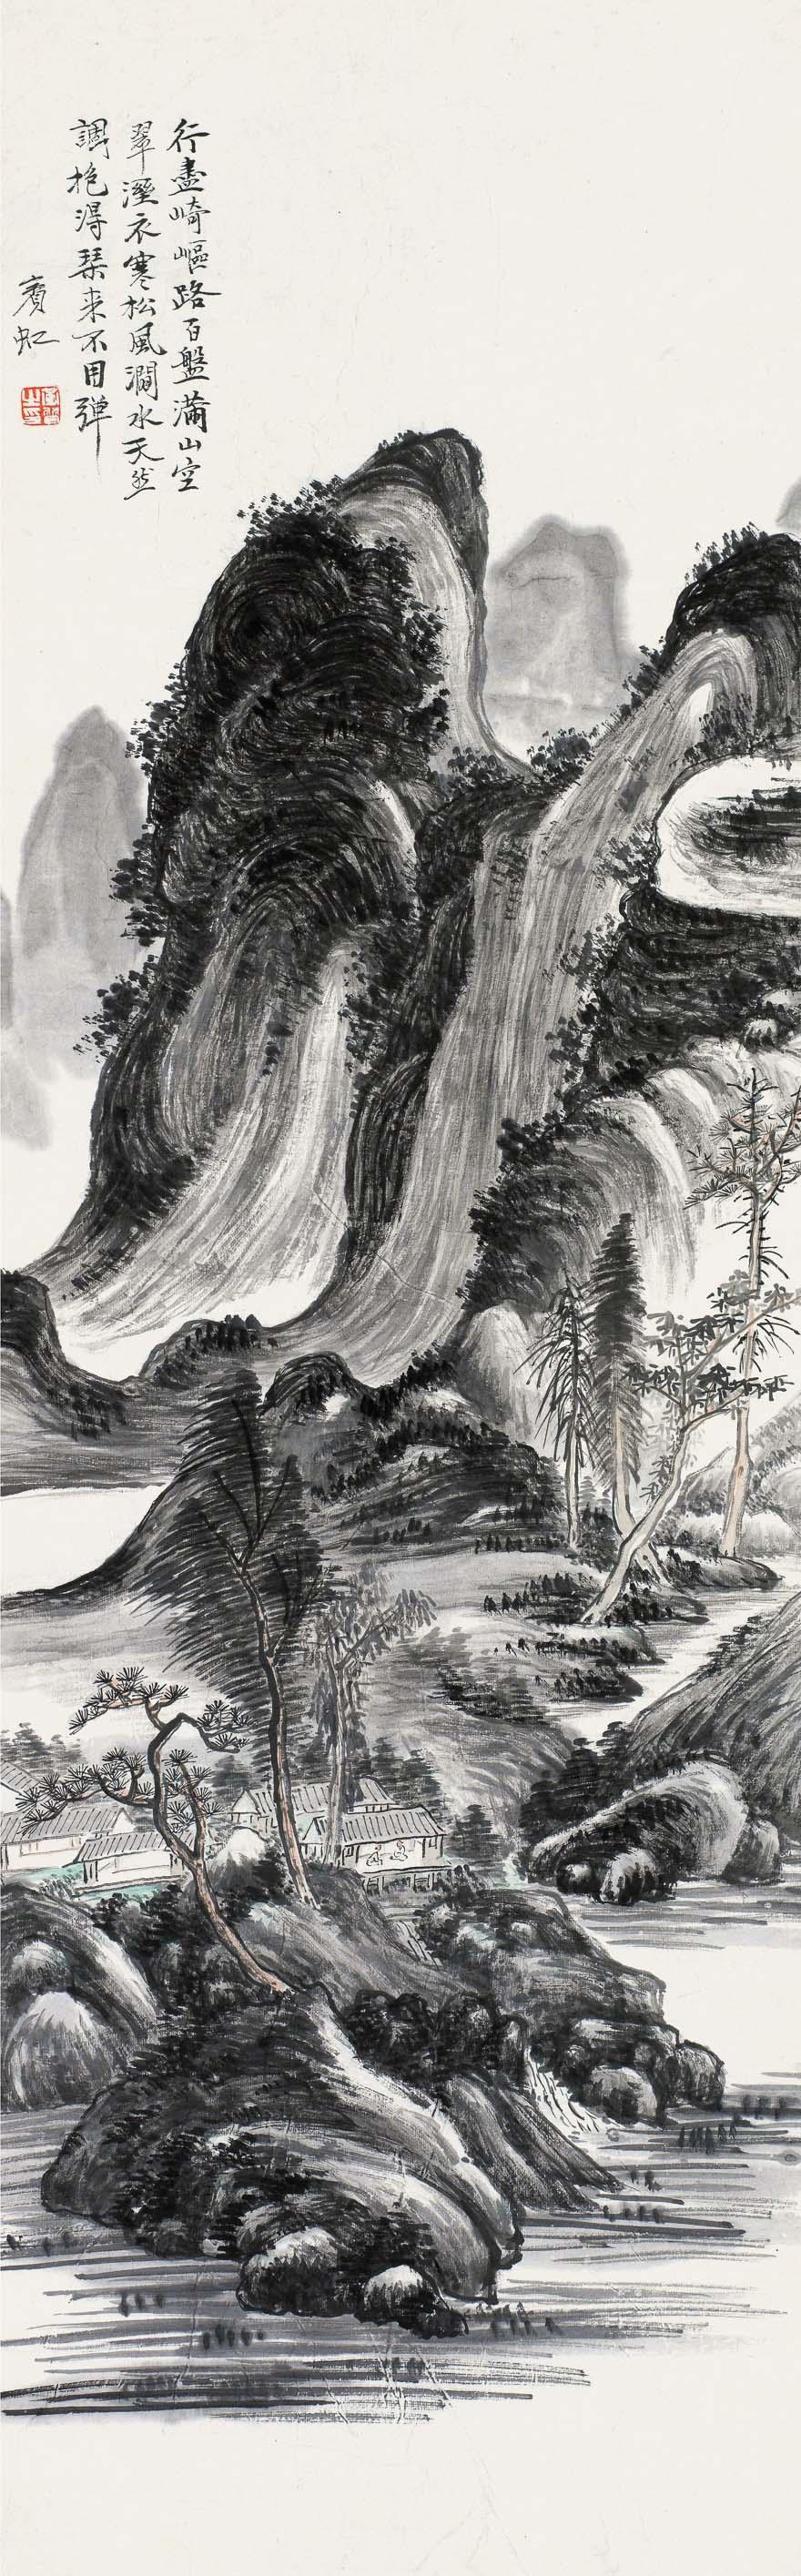 秋涧翠山图